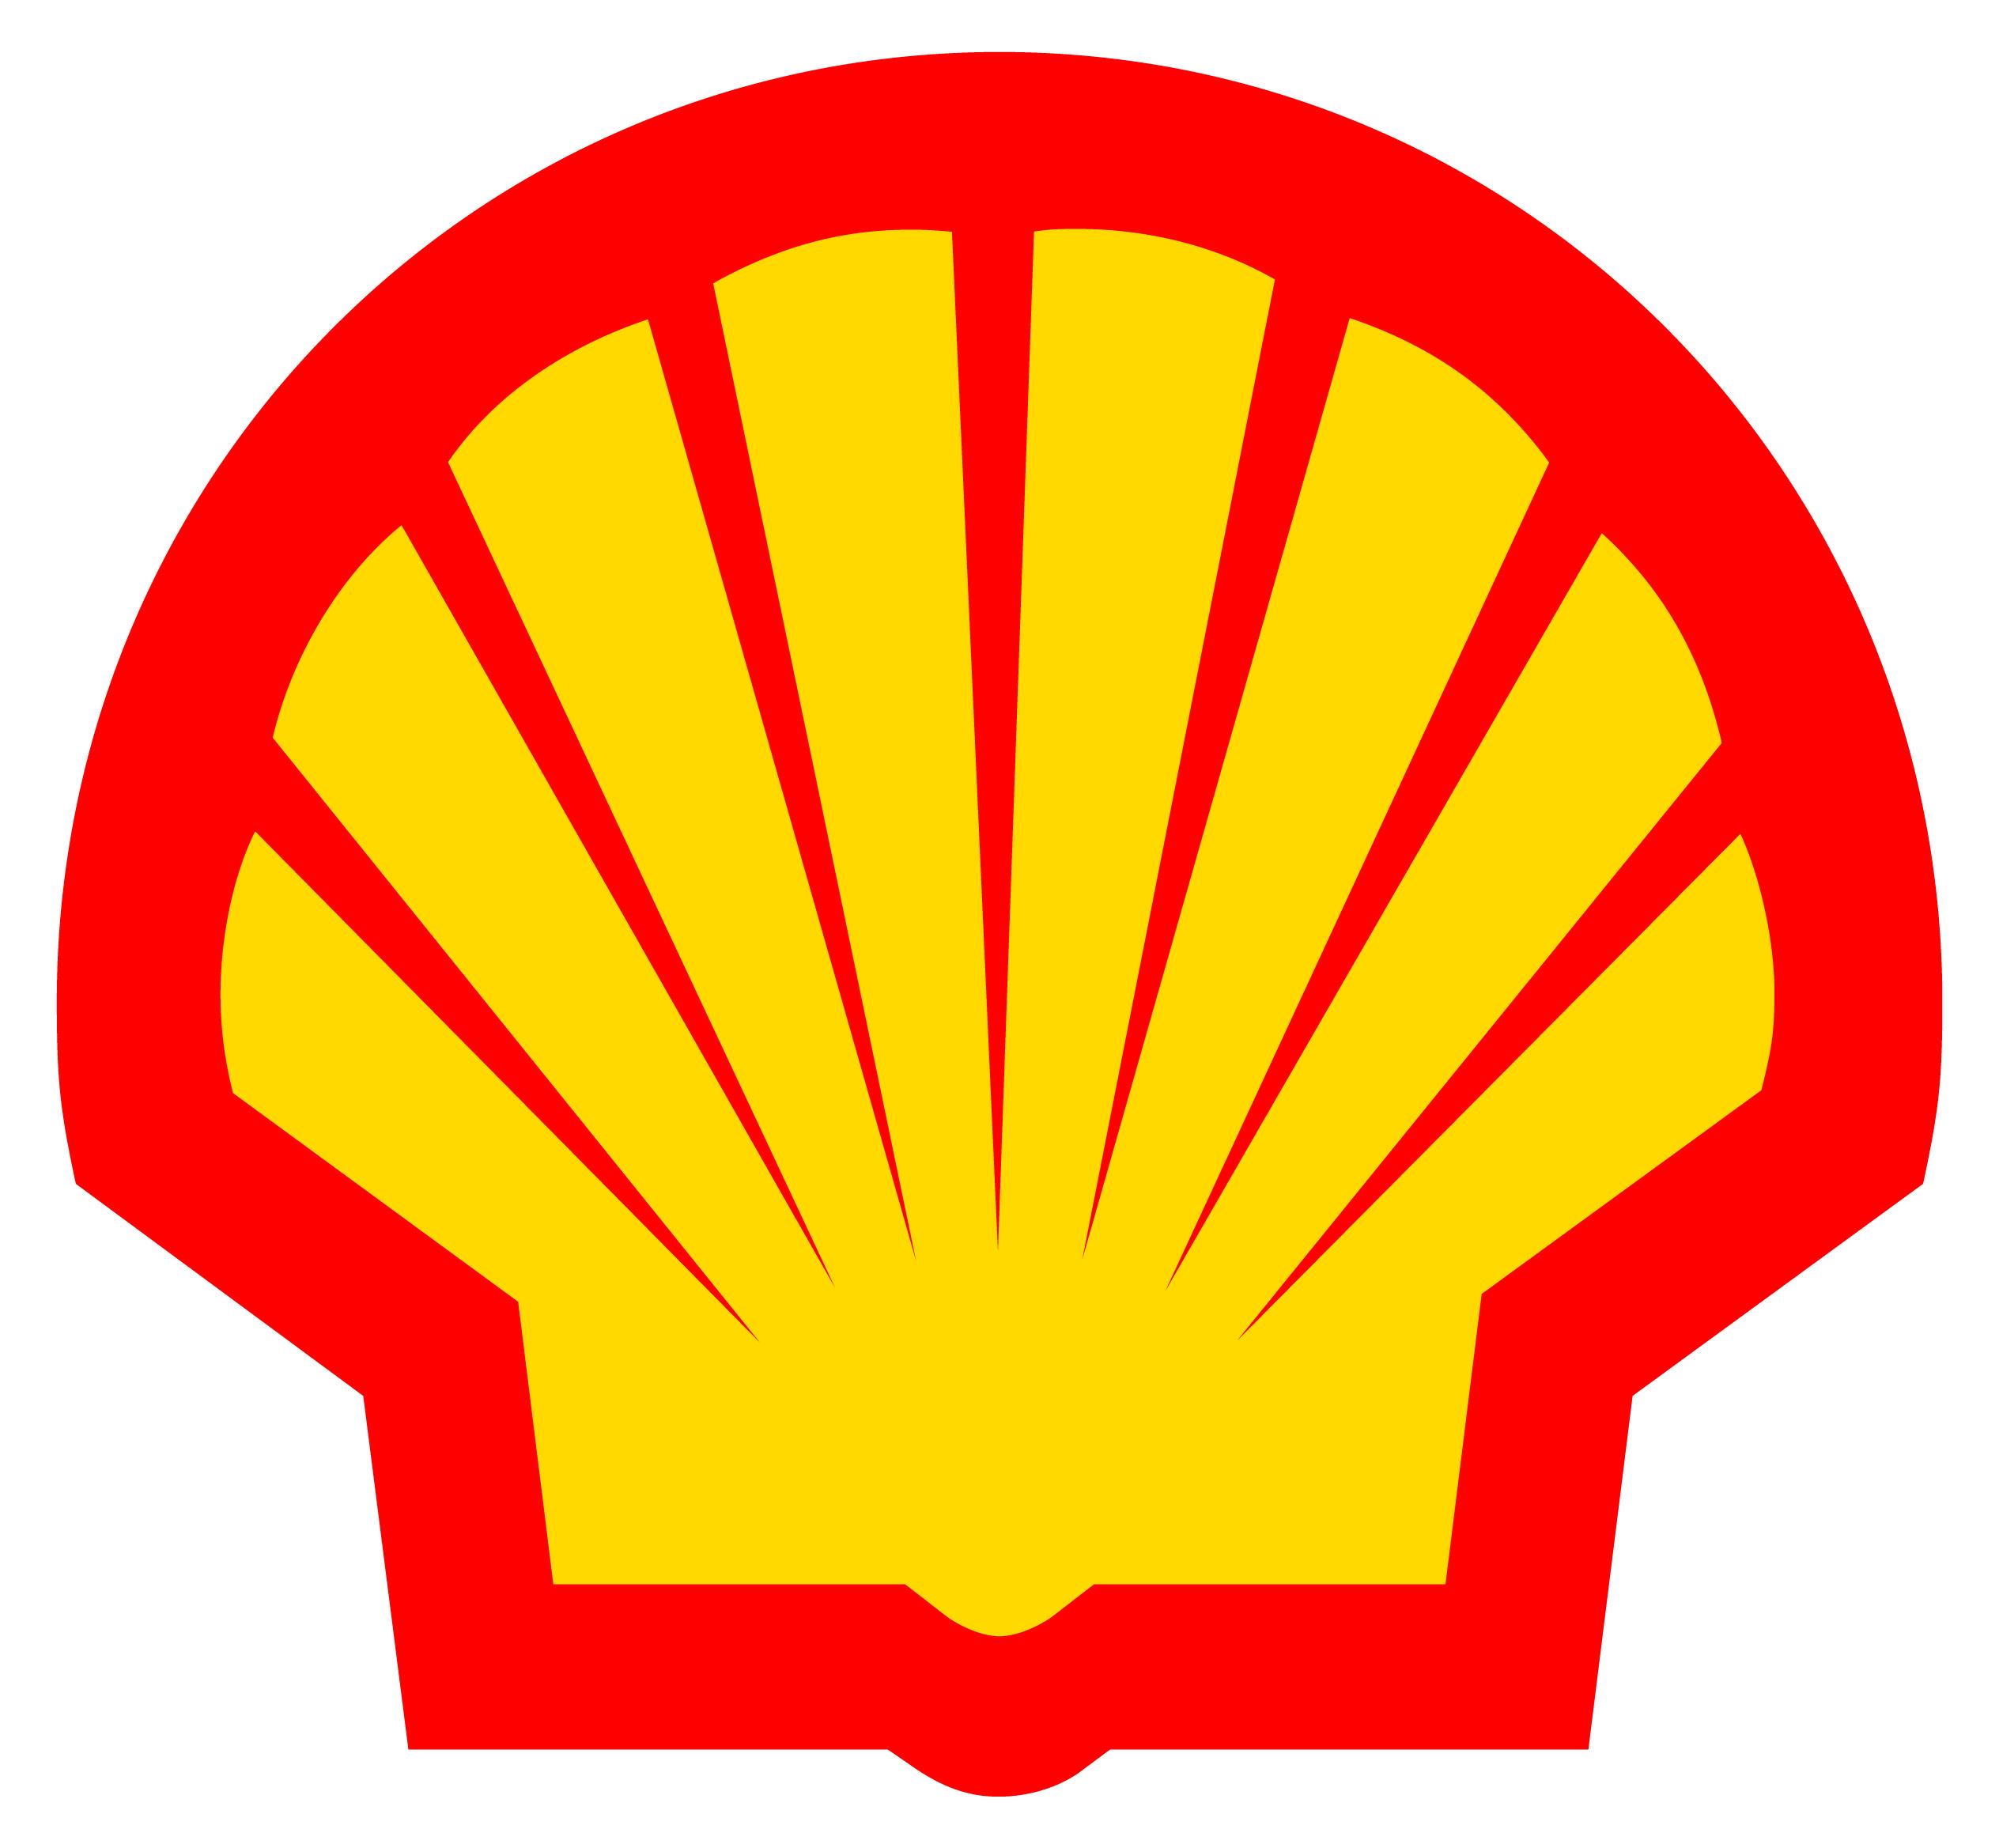 logo_shell_en_alta_resolución